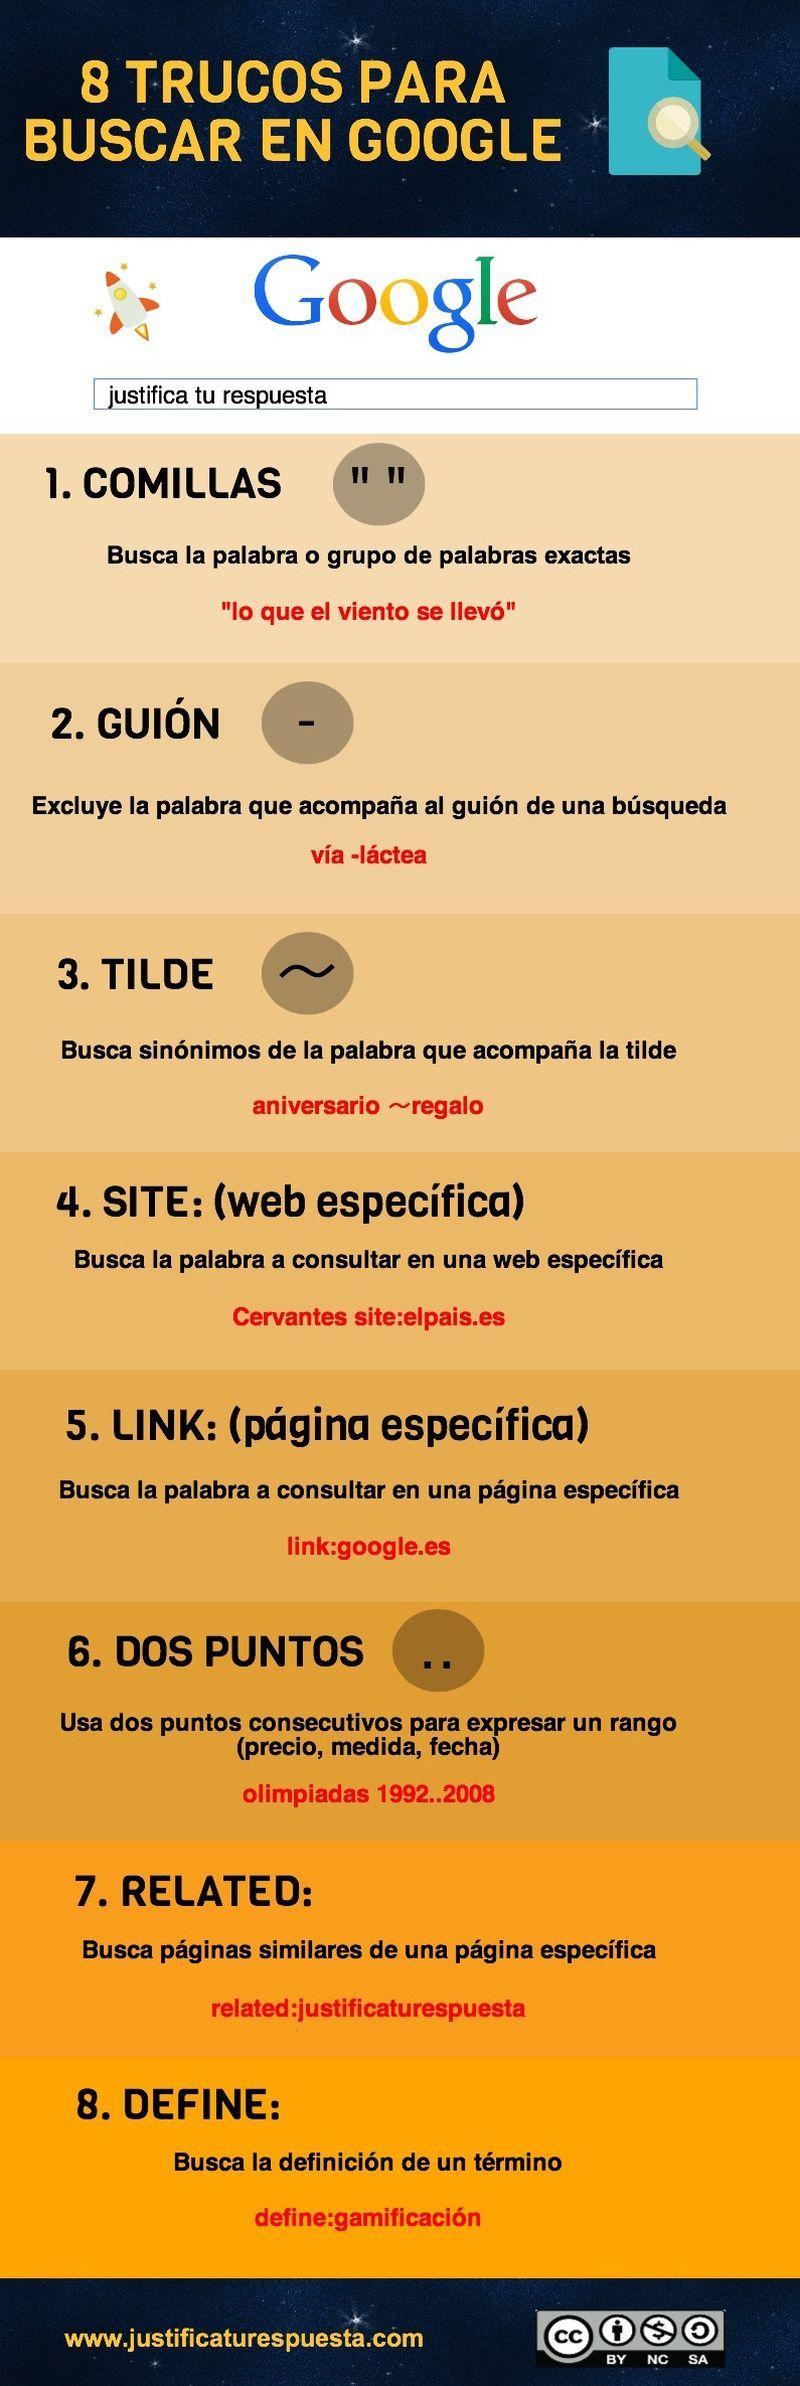 Puedes mejorar tus búsquedas en Google, consiguiendo ahorrar tiempo y resultados más precisos, siguiendo los ocho trucos que ofrece esta infografía.